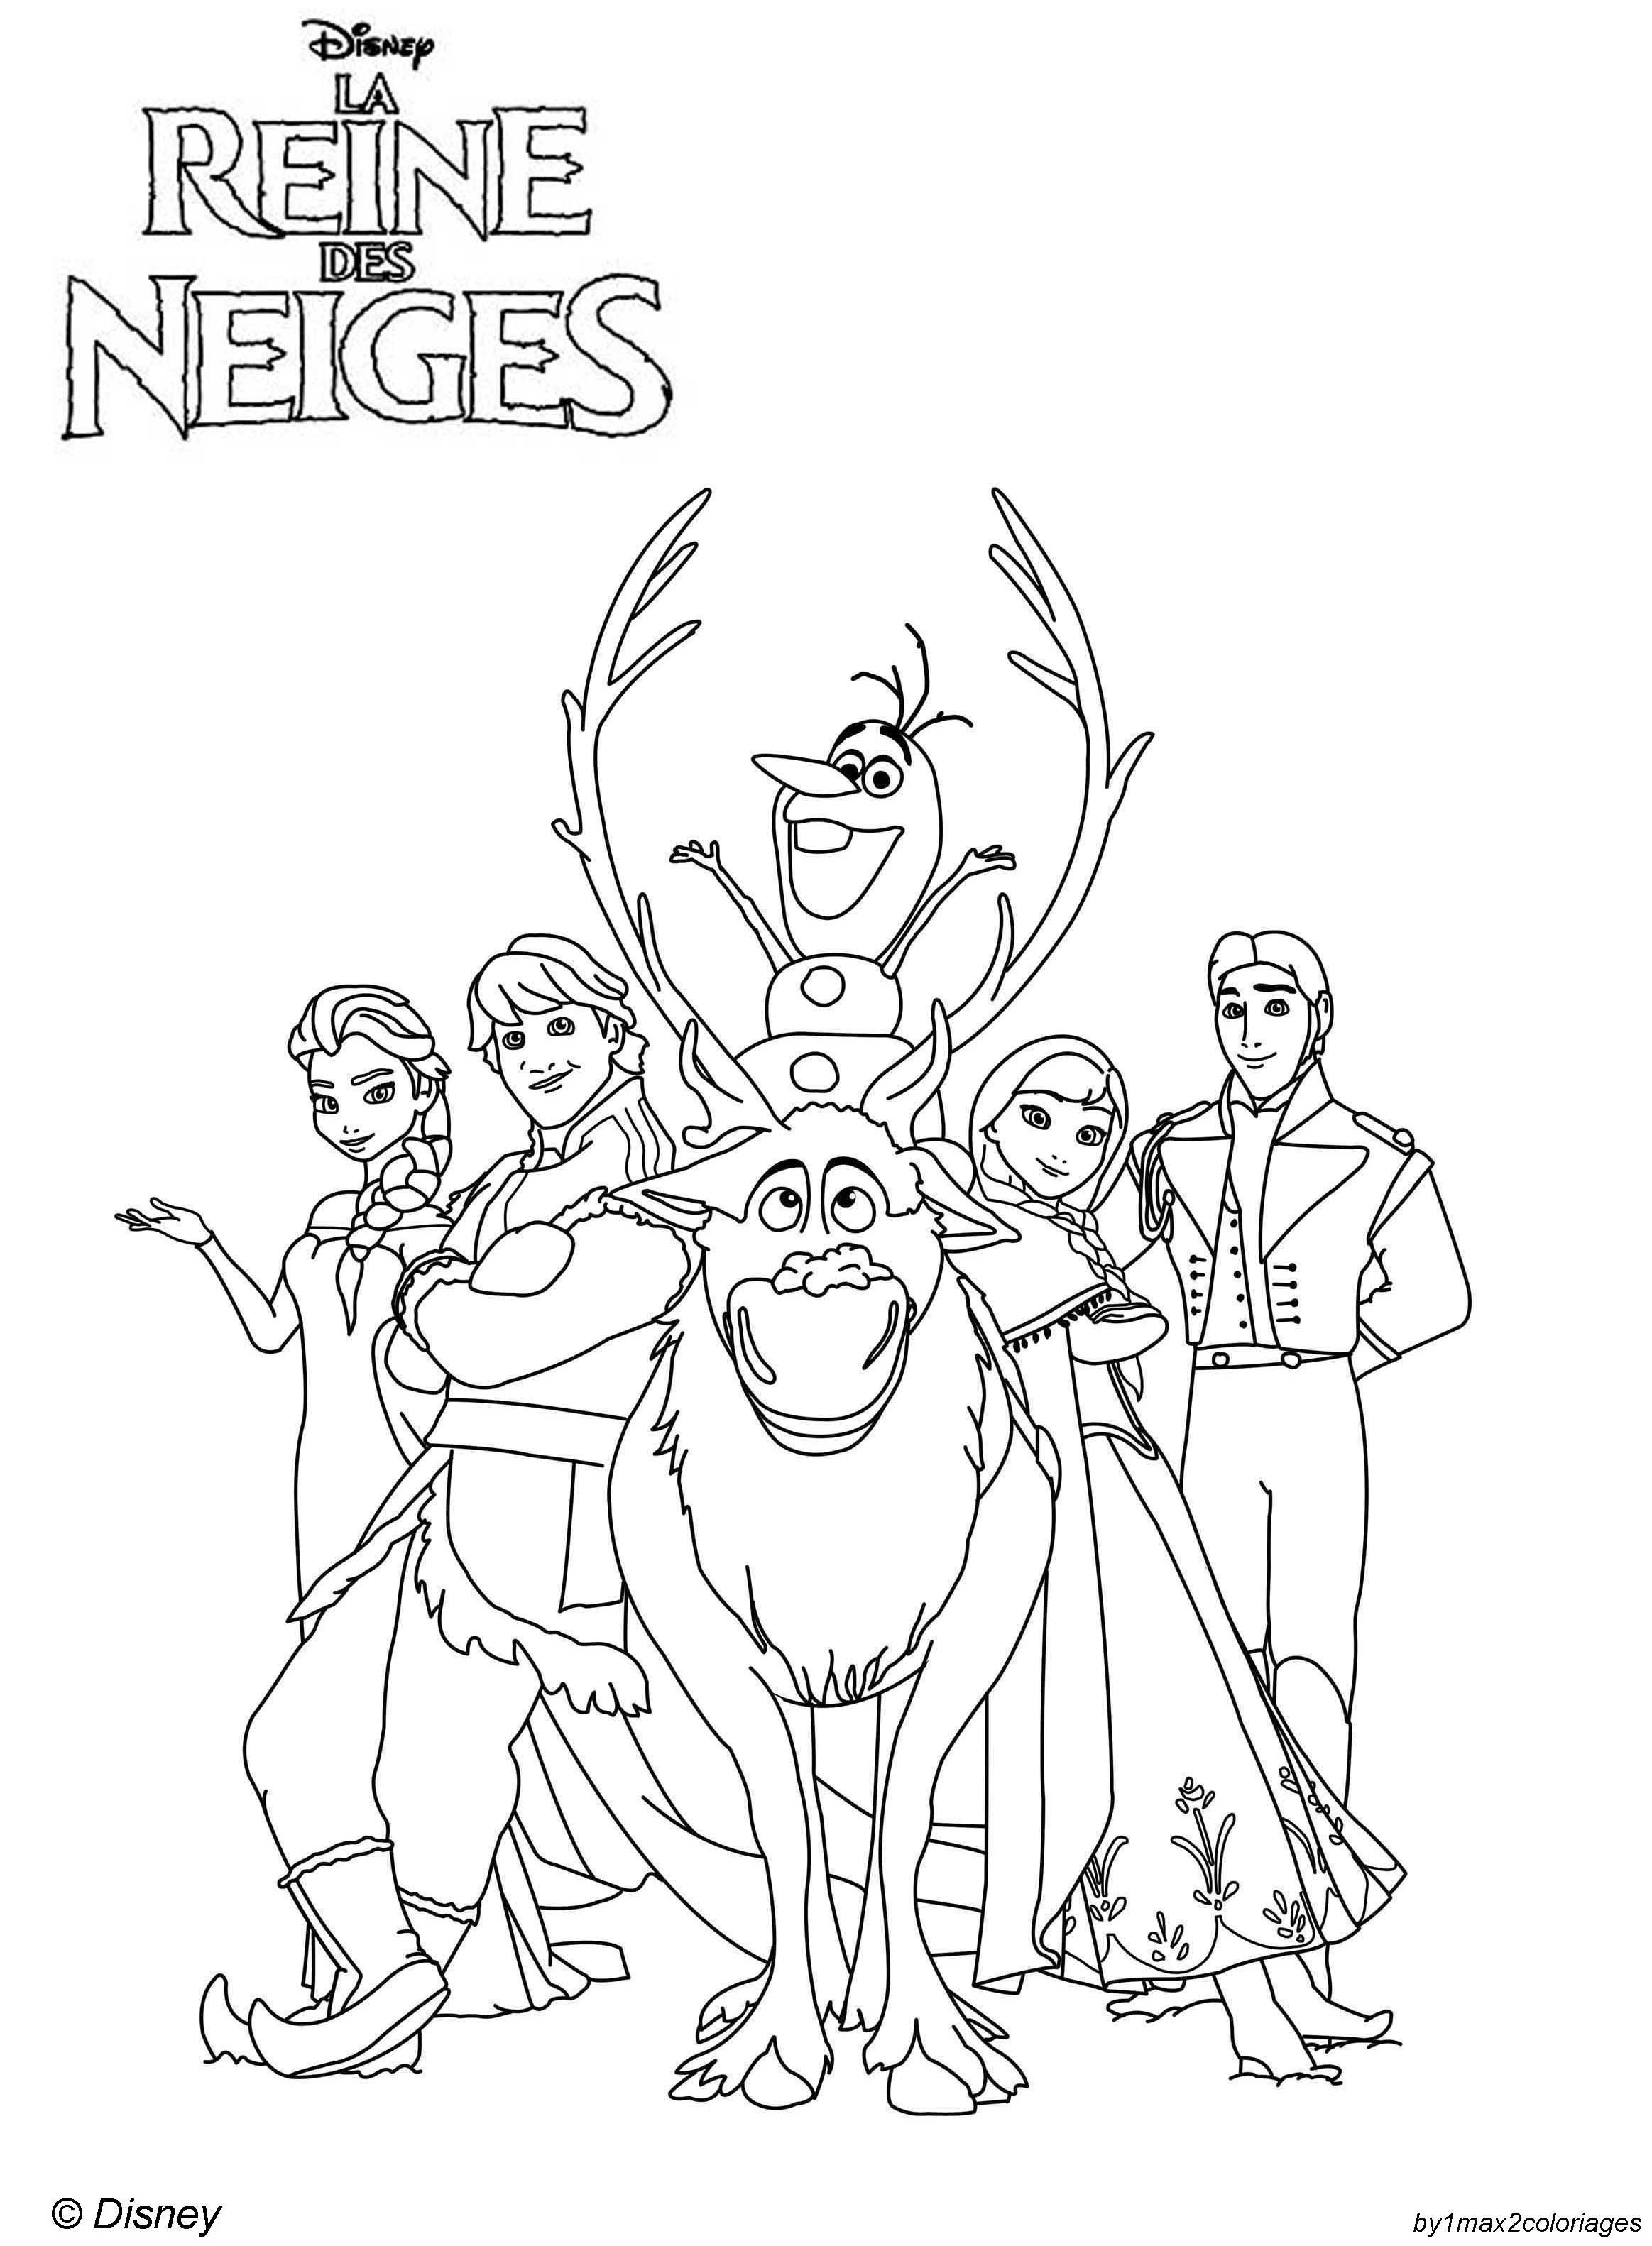 Coloriage des personnages disney la reine des neiges - Veilleuse la reine des neiges ...